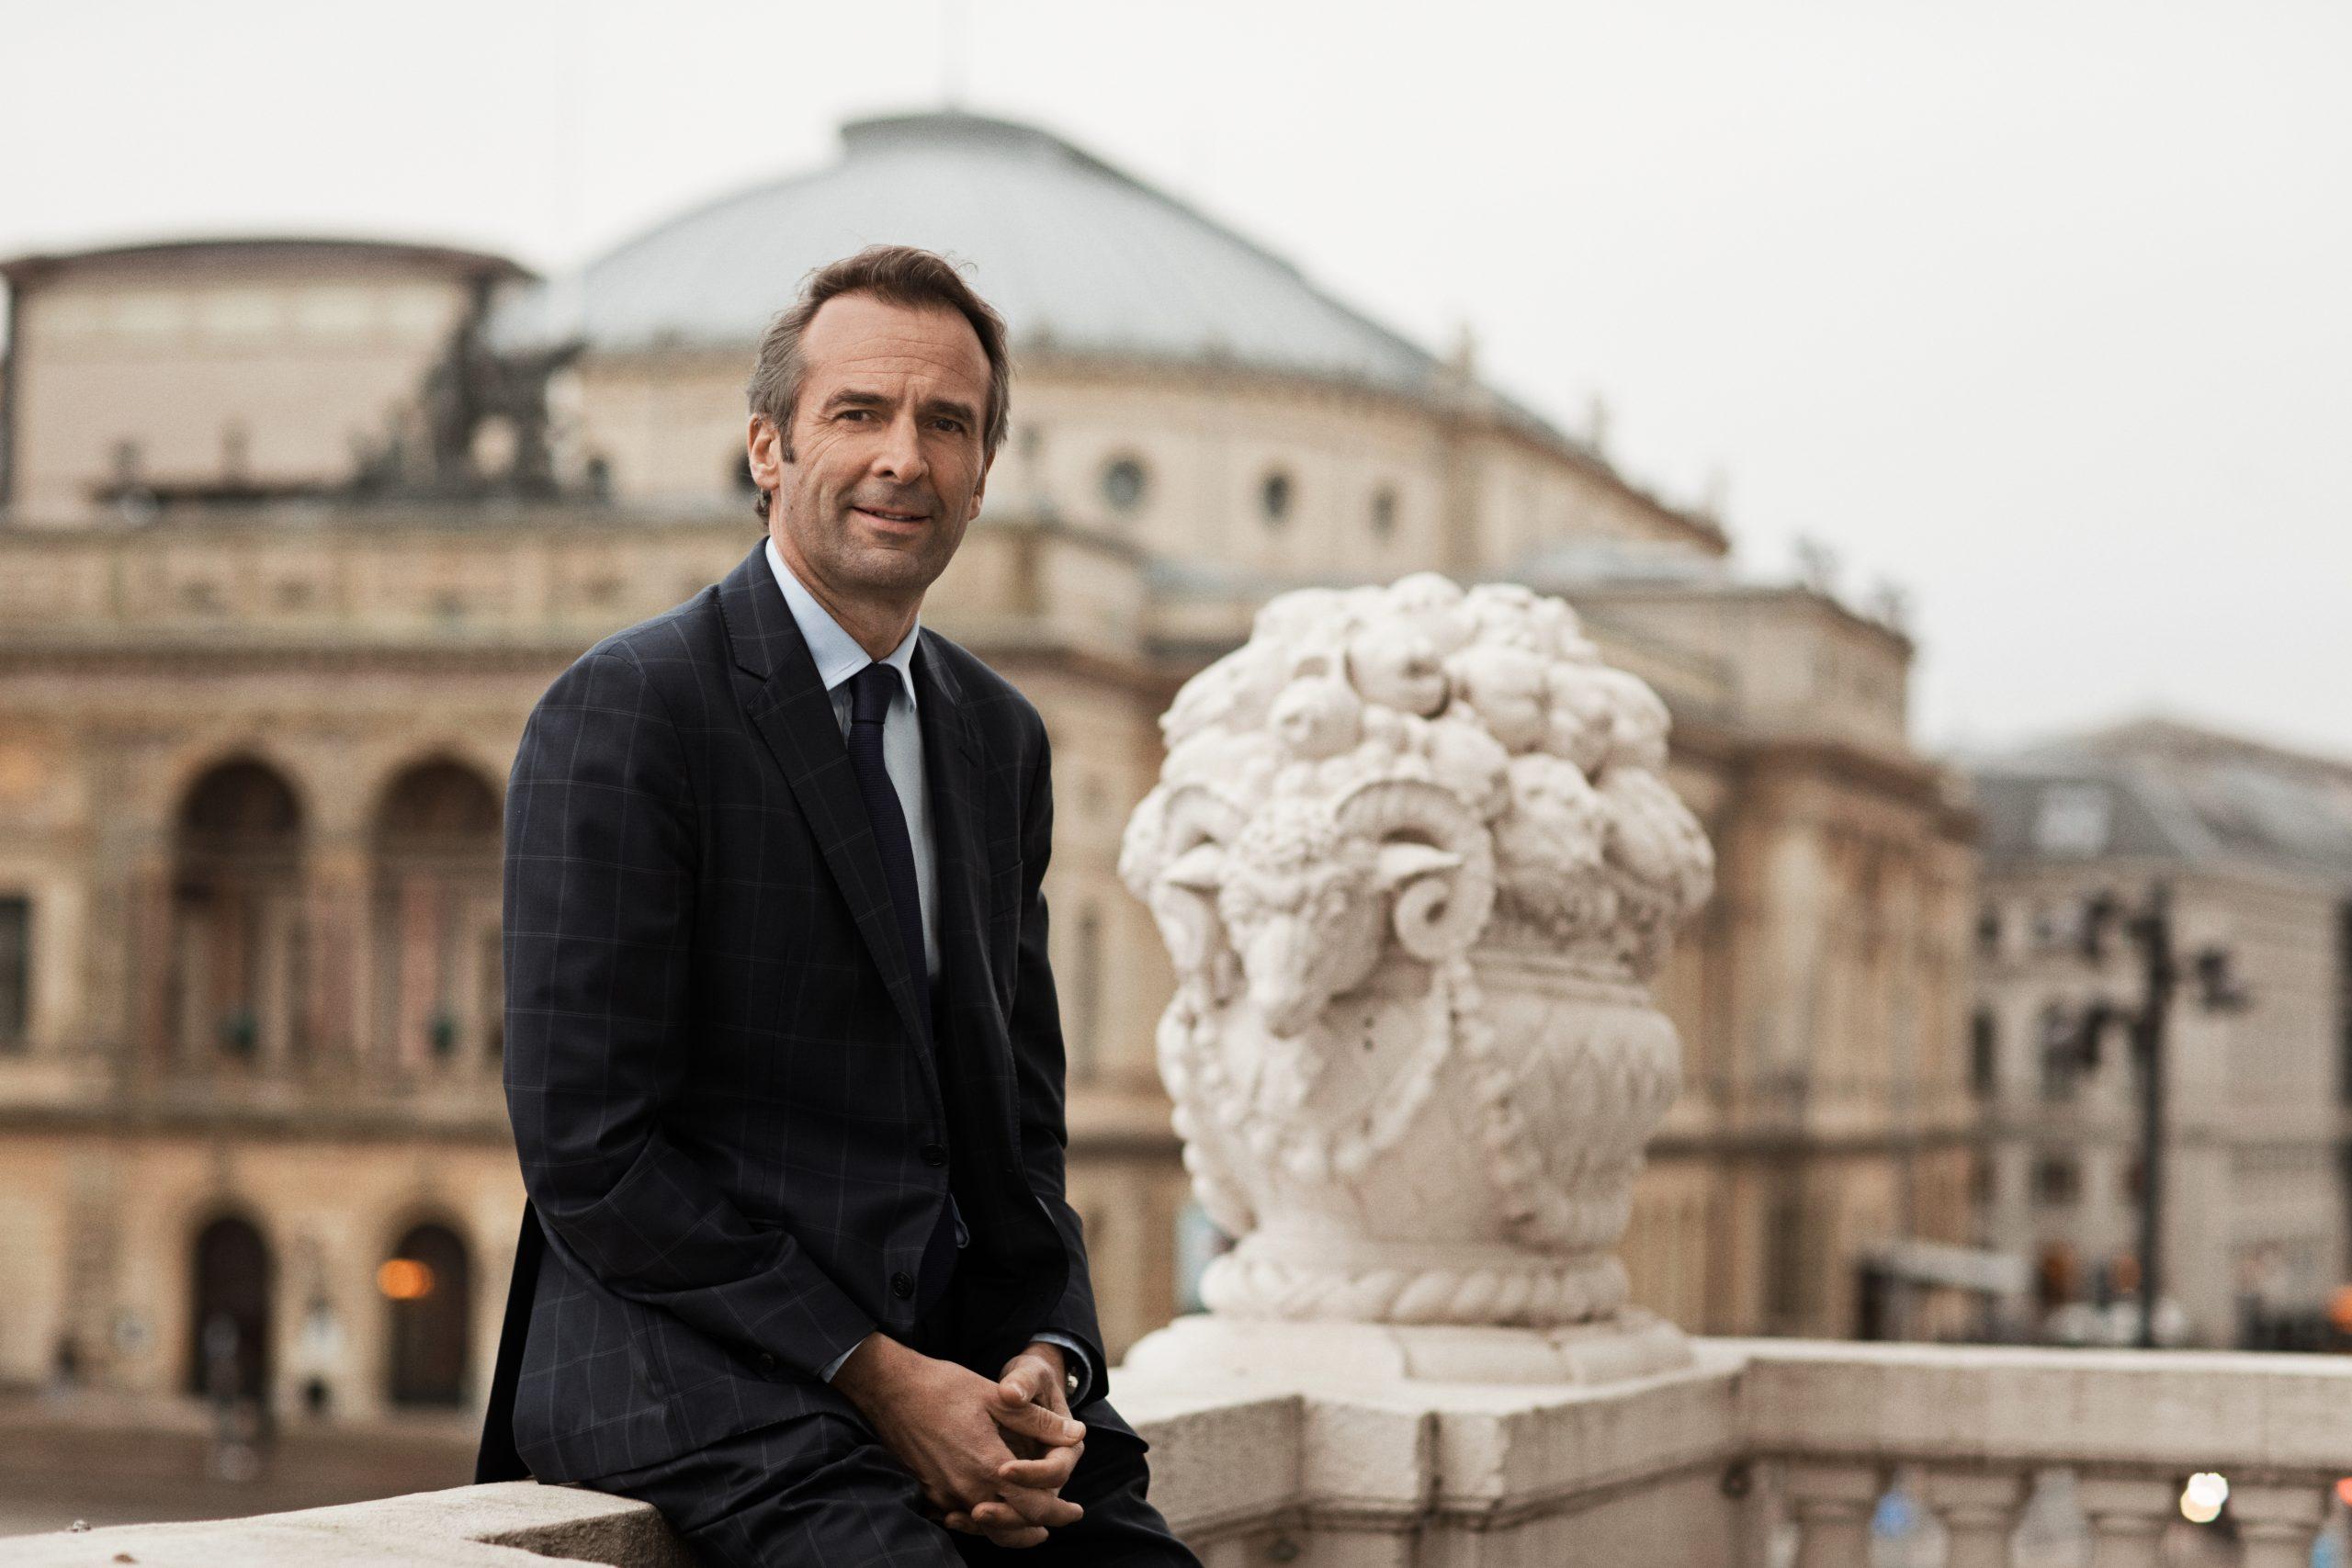 Michael Halsall, Hotel d'Angleterres nye salgsdirektør, er født og opvokset i England, men er svensk gift og bor med sin hustru og to børn på den svenske side af Øresund. Pressefoto: Hotel d'Angleterre.